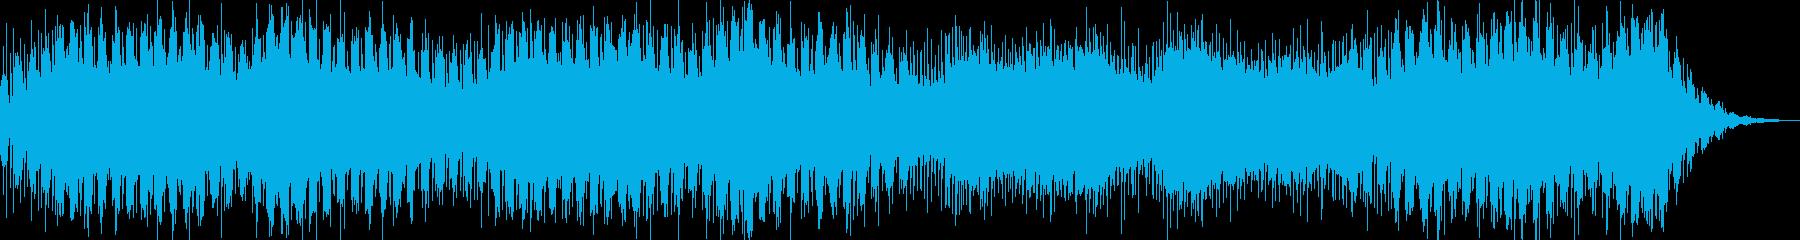 サイエンス 実験 科学 化学 教育 理科の再生済みの波形